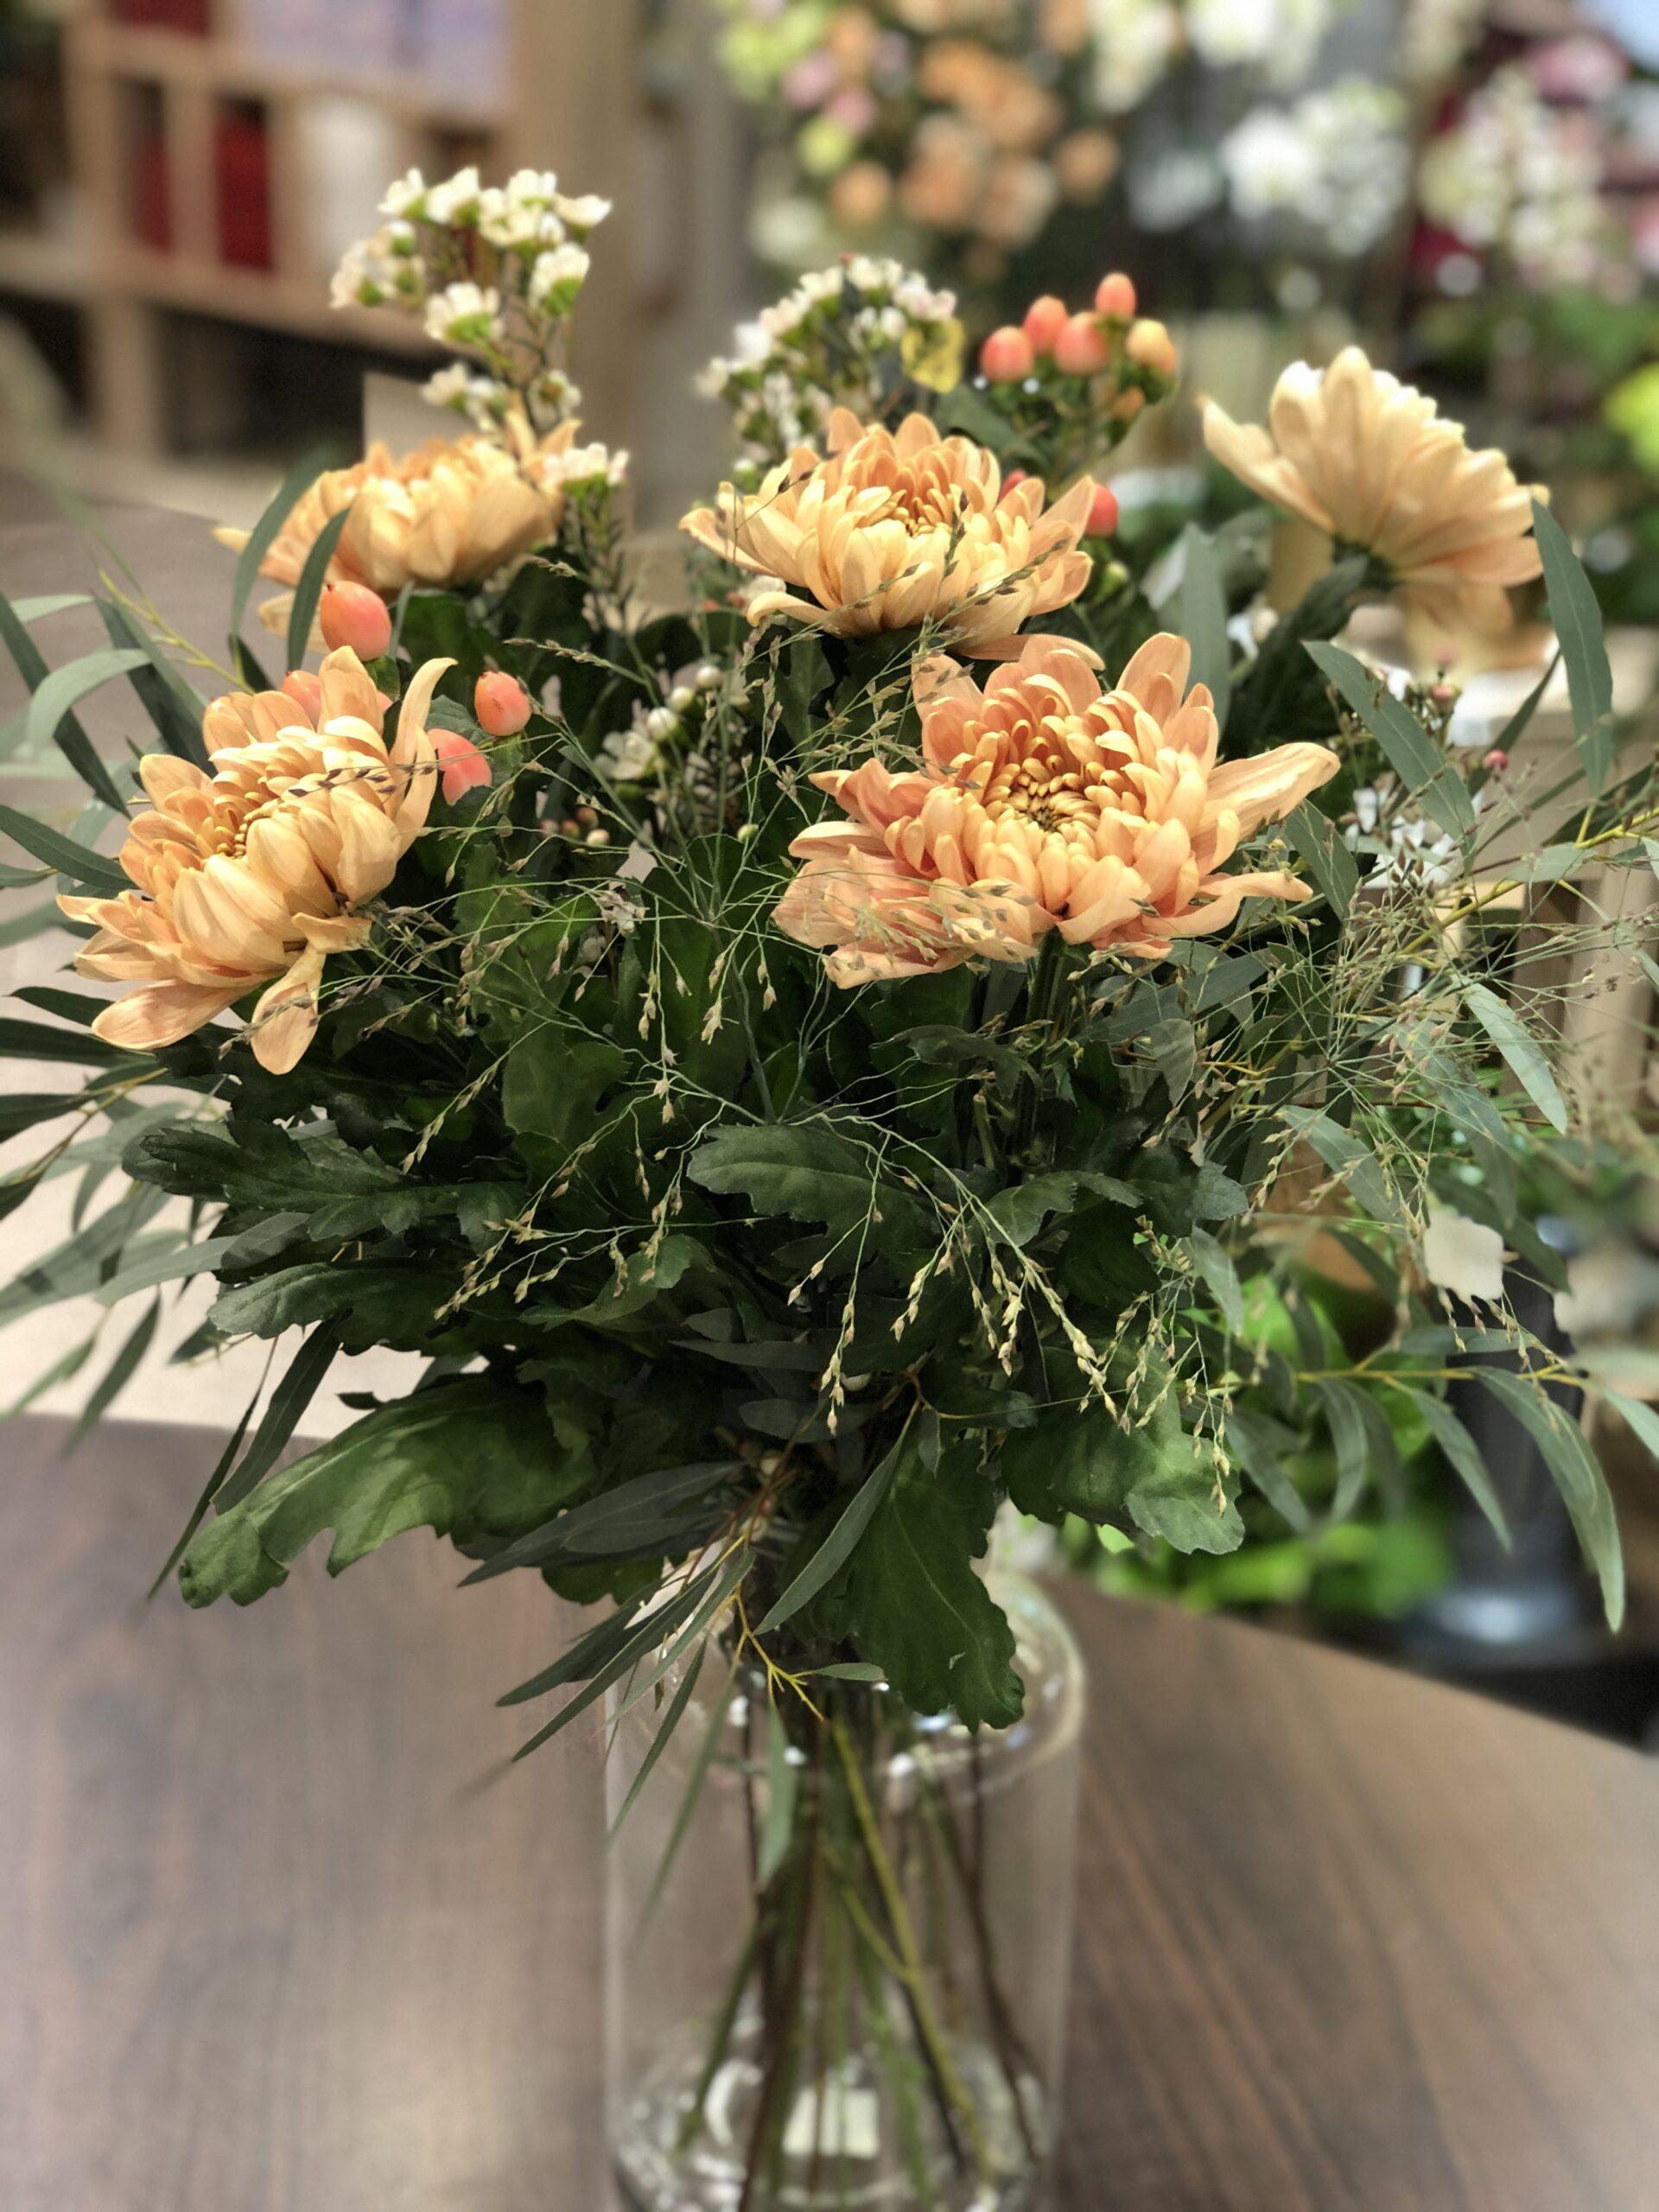 Nädal 3 vaasitäis lillerõõmu